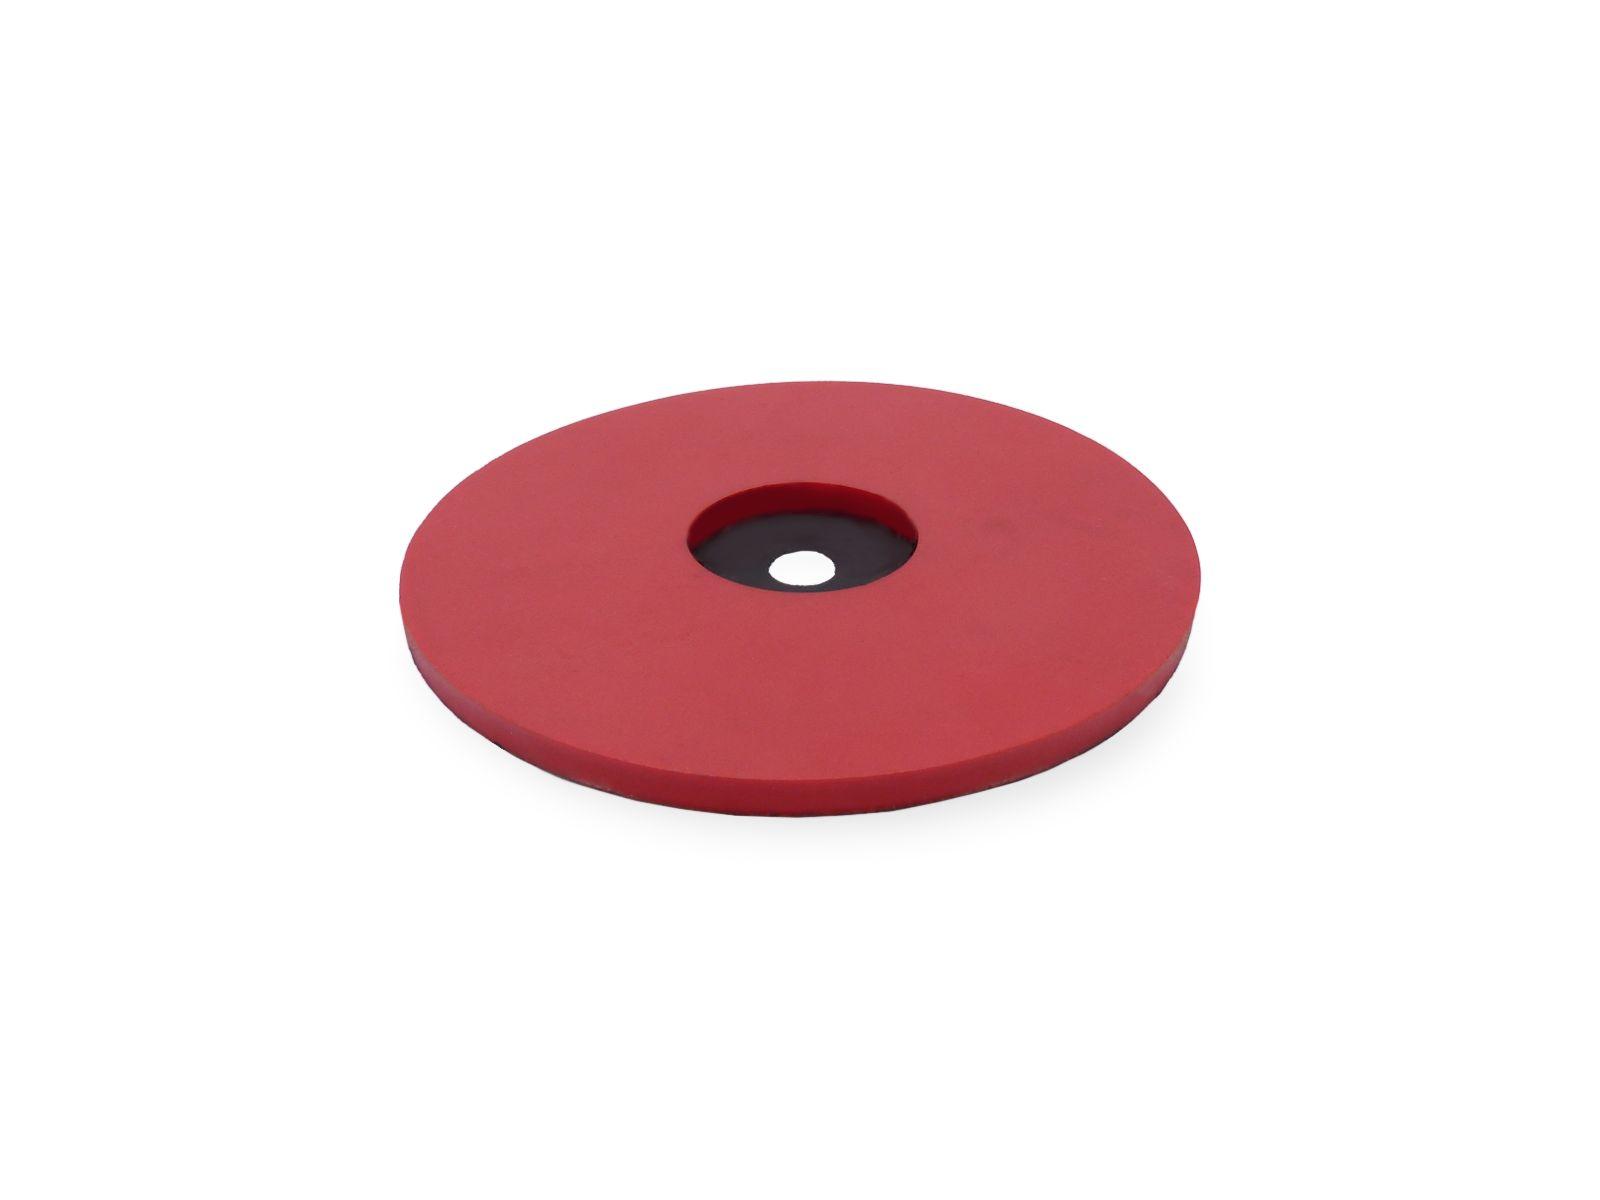 Disco in acciaio inox con rivestimento in gomma naturale Linatex utilizzato nel settore dell'imbottigliamento